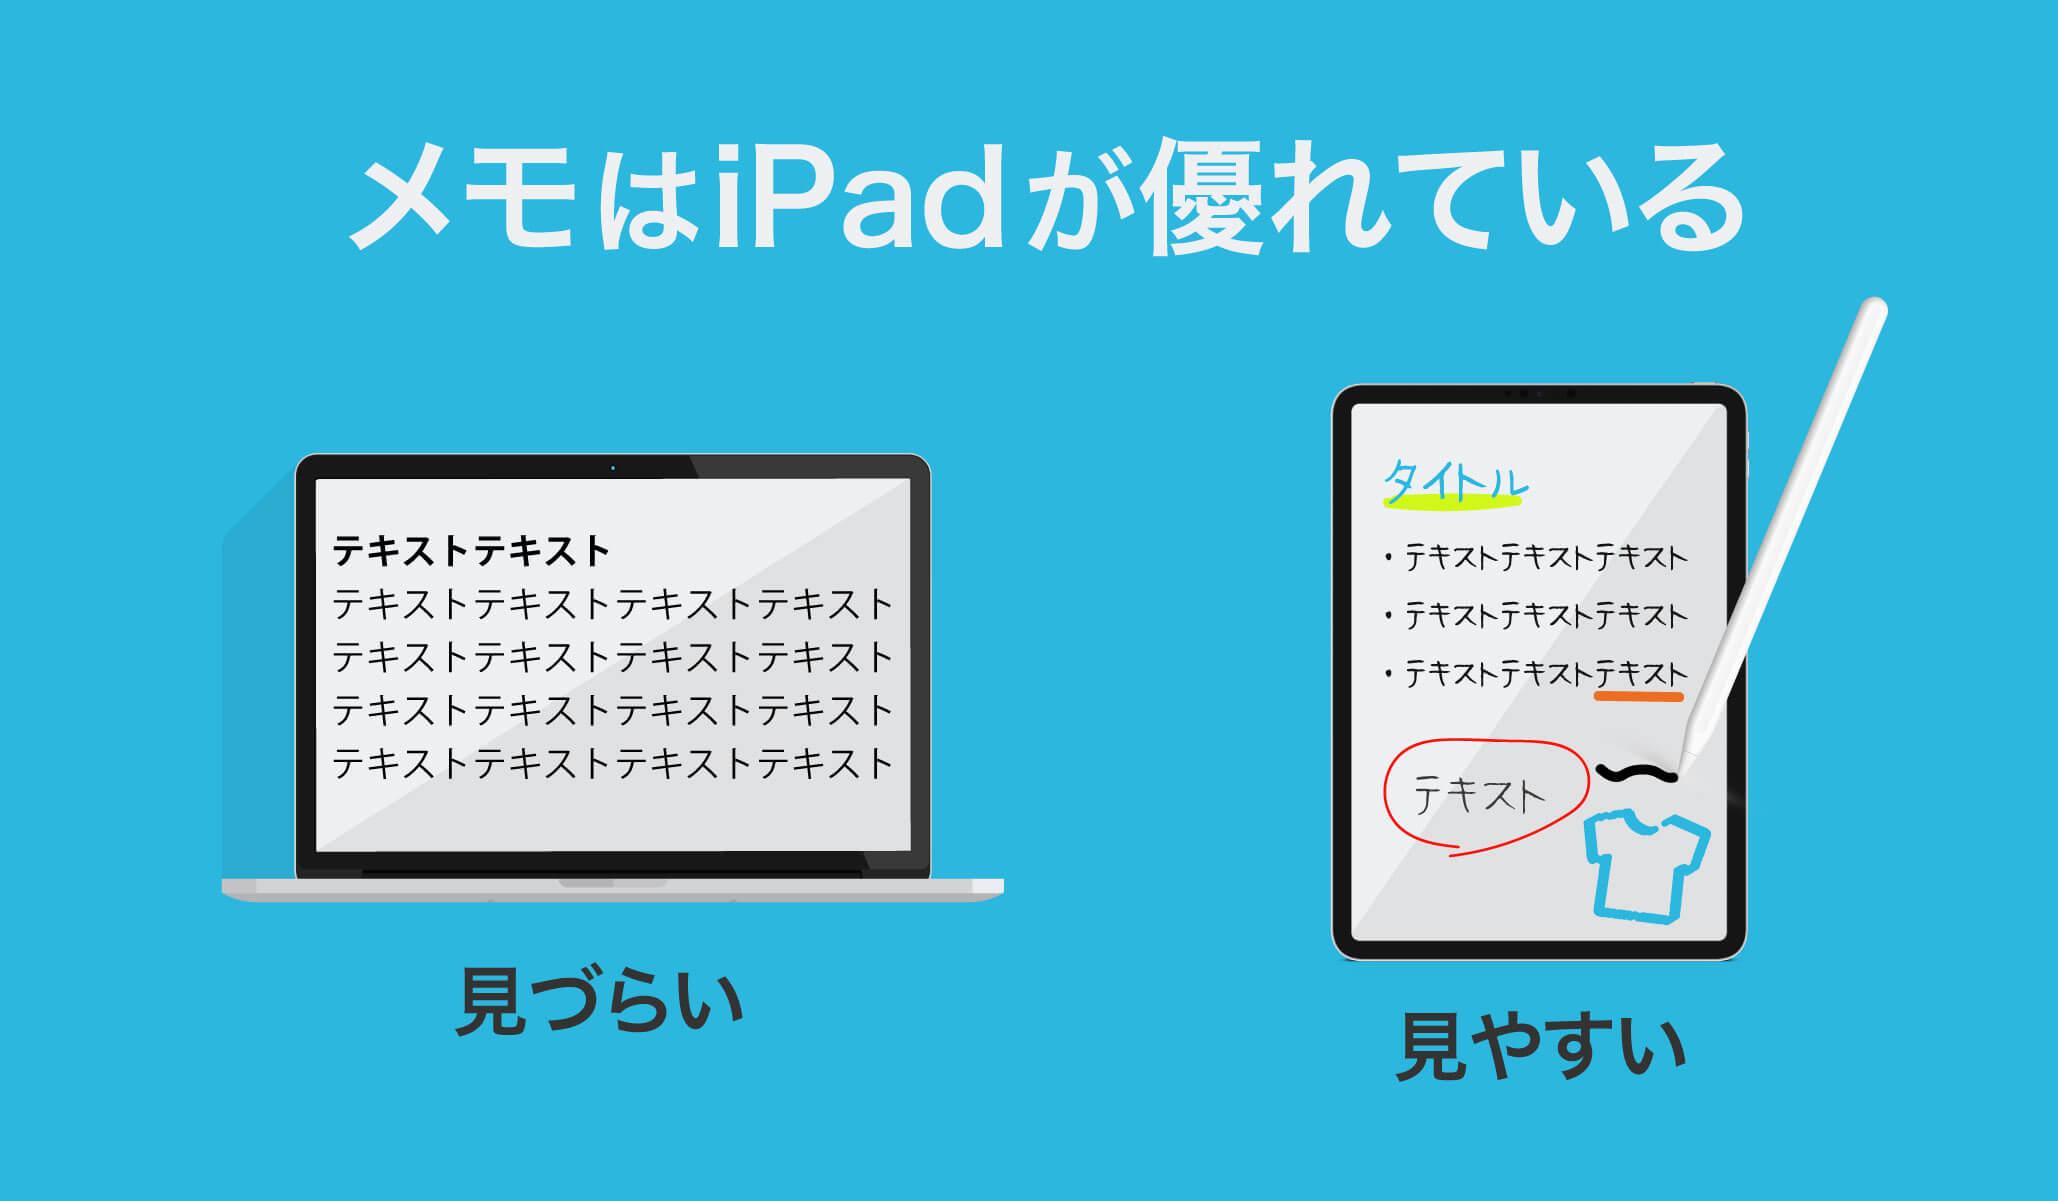 メモはiPadが優れている